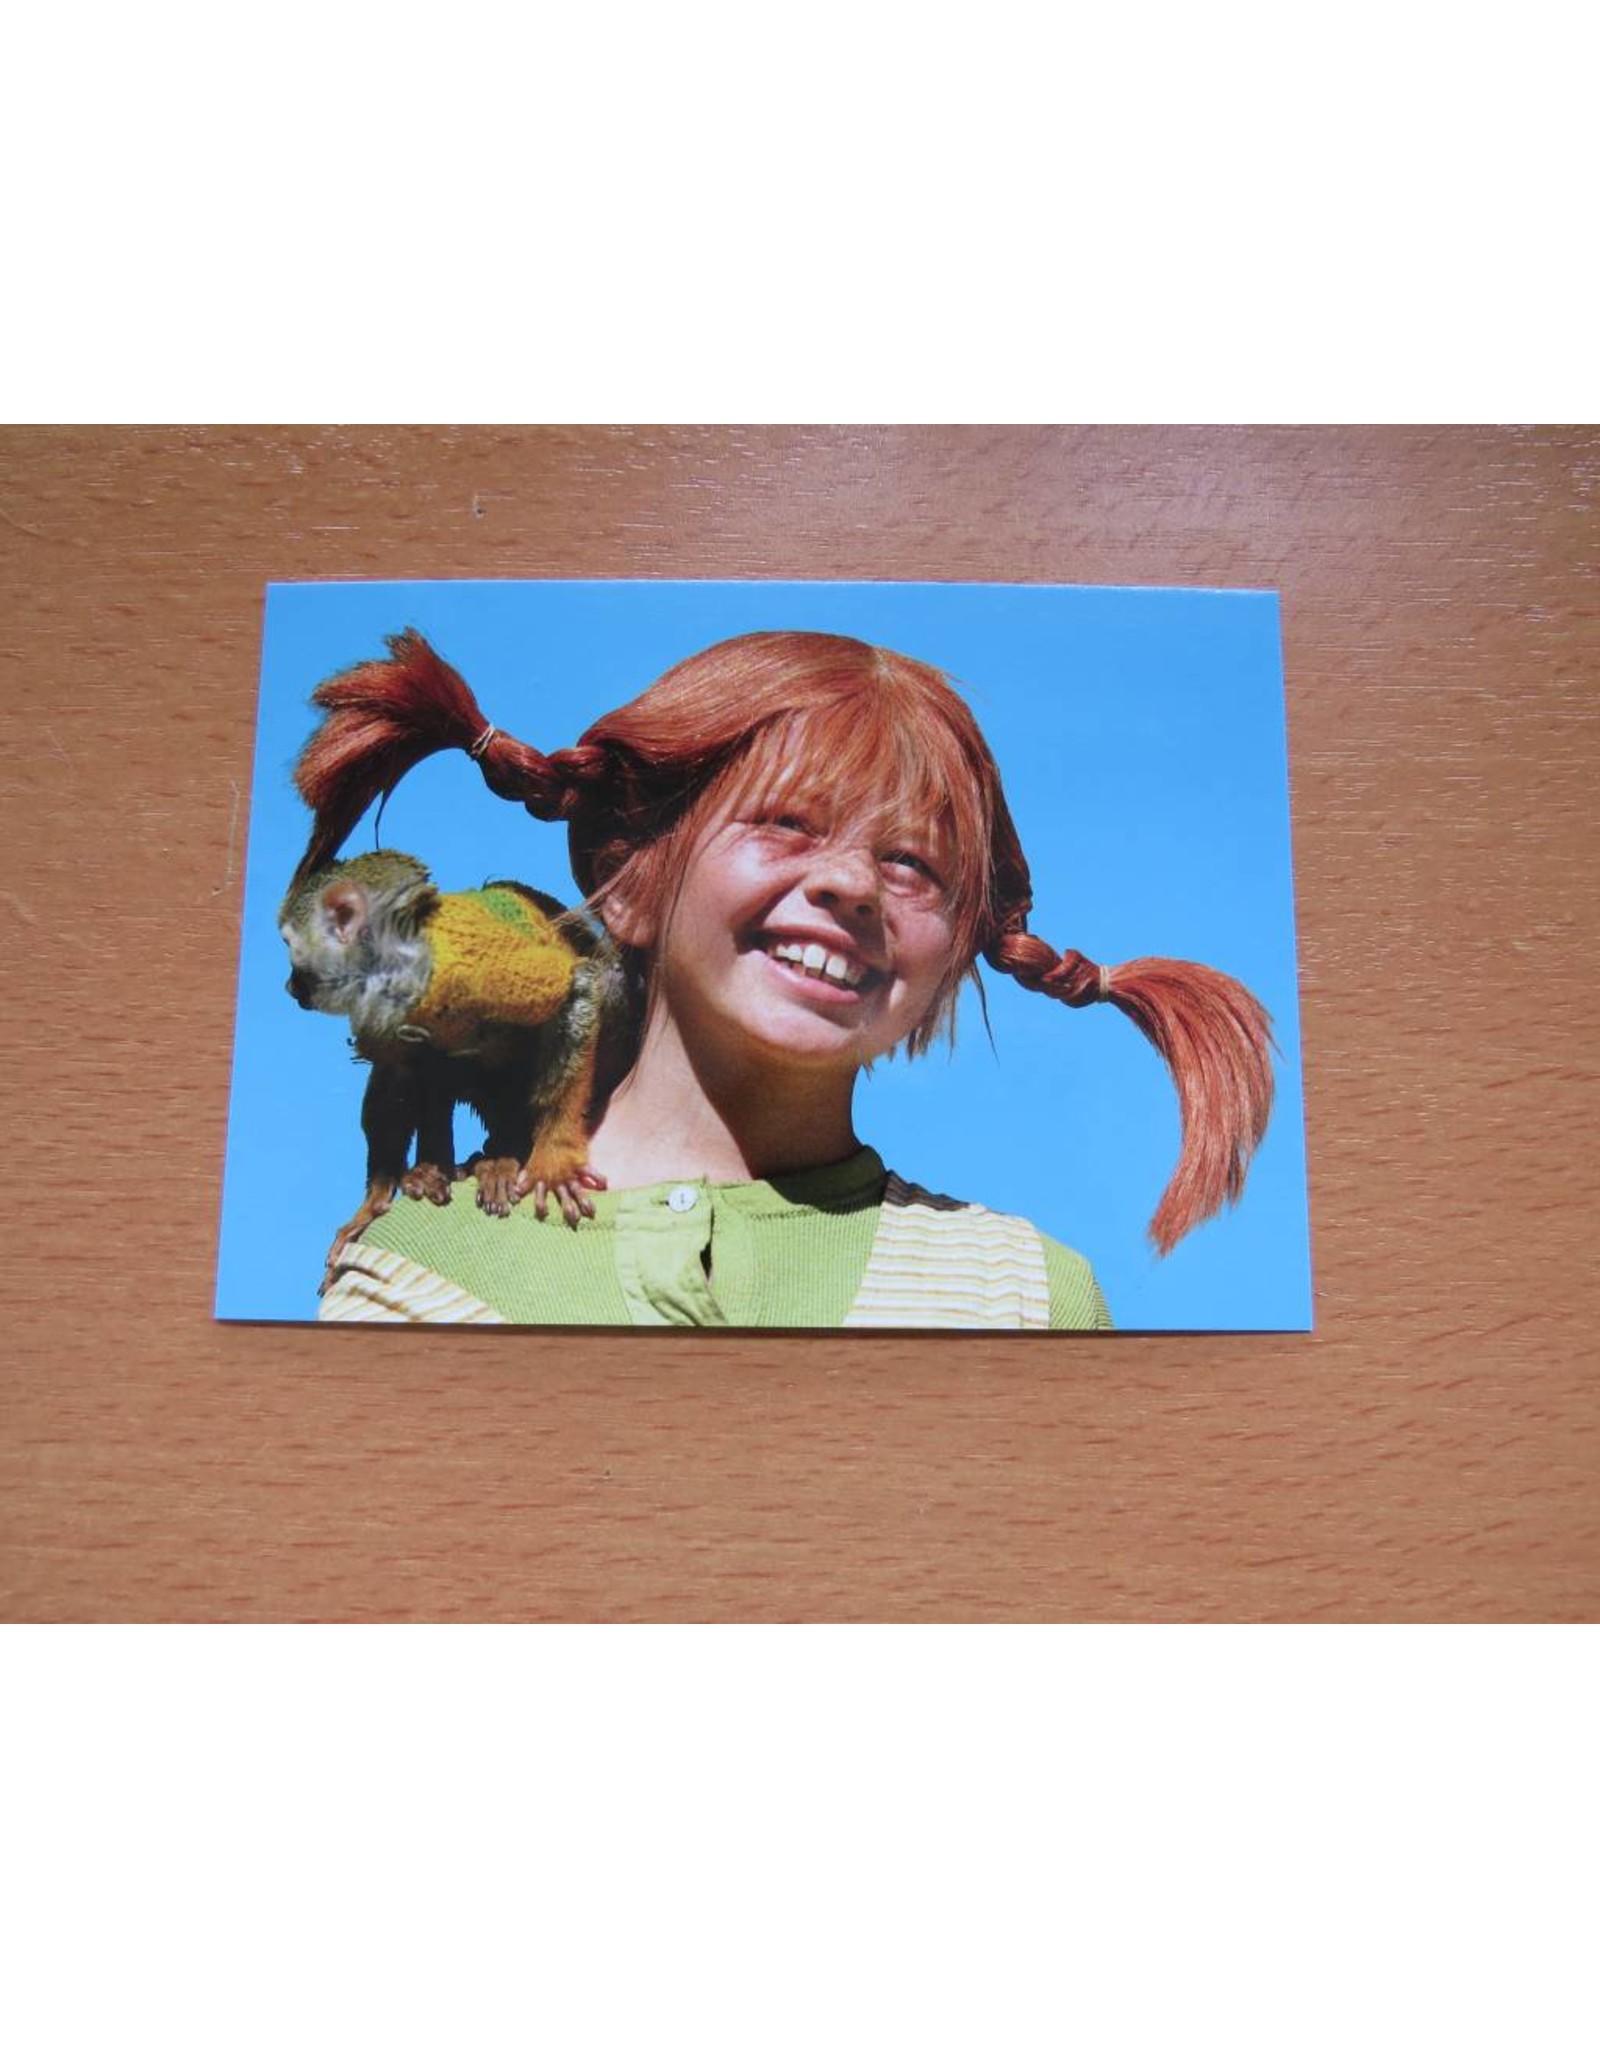 Pippi Langkous Pippi Longstocking card - Mister Nilsson